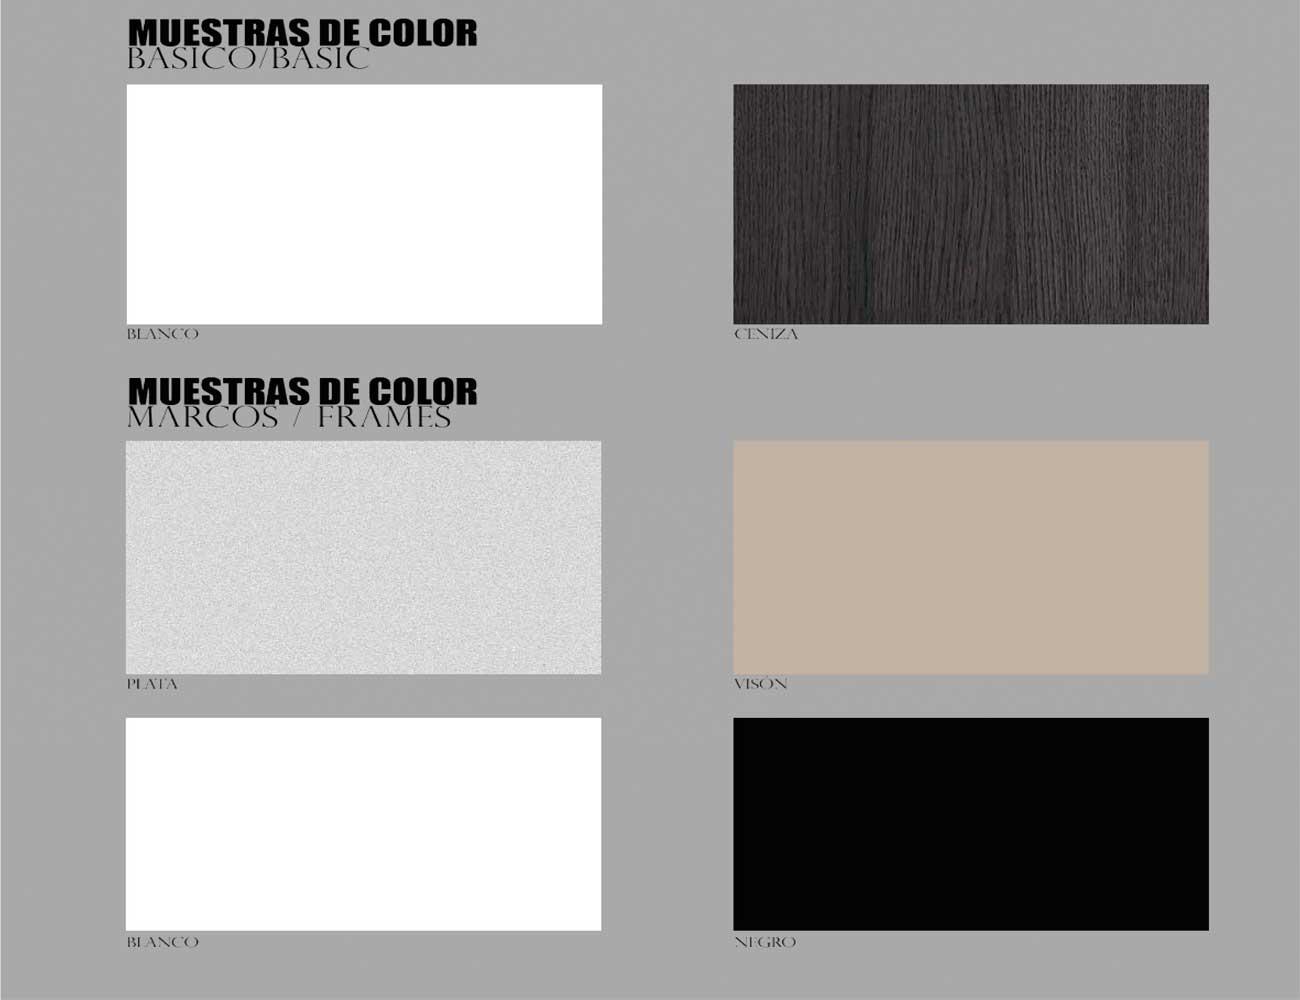 Colores tecnico5